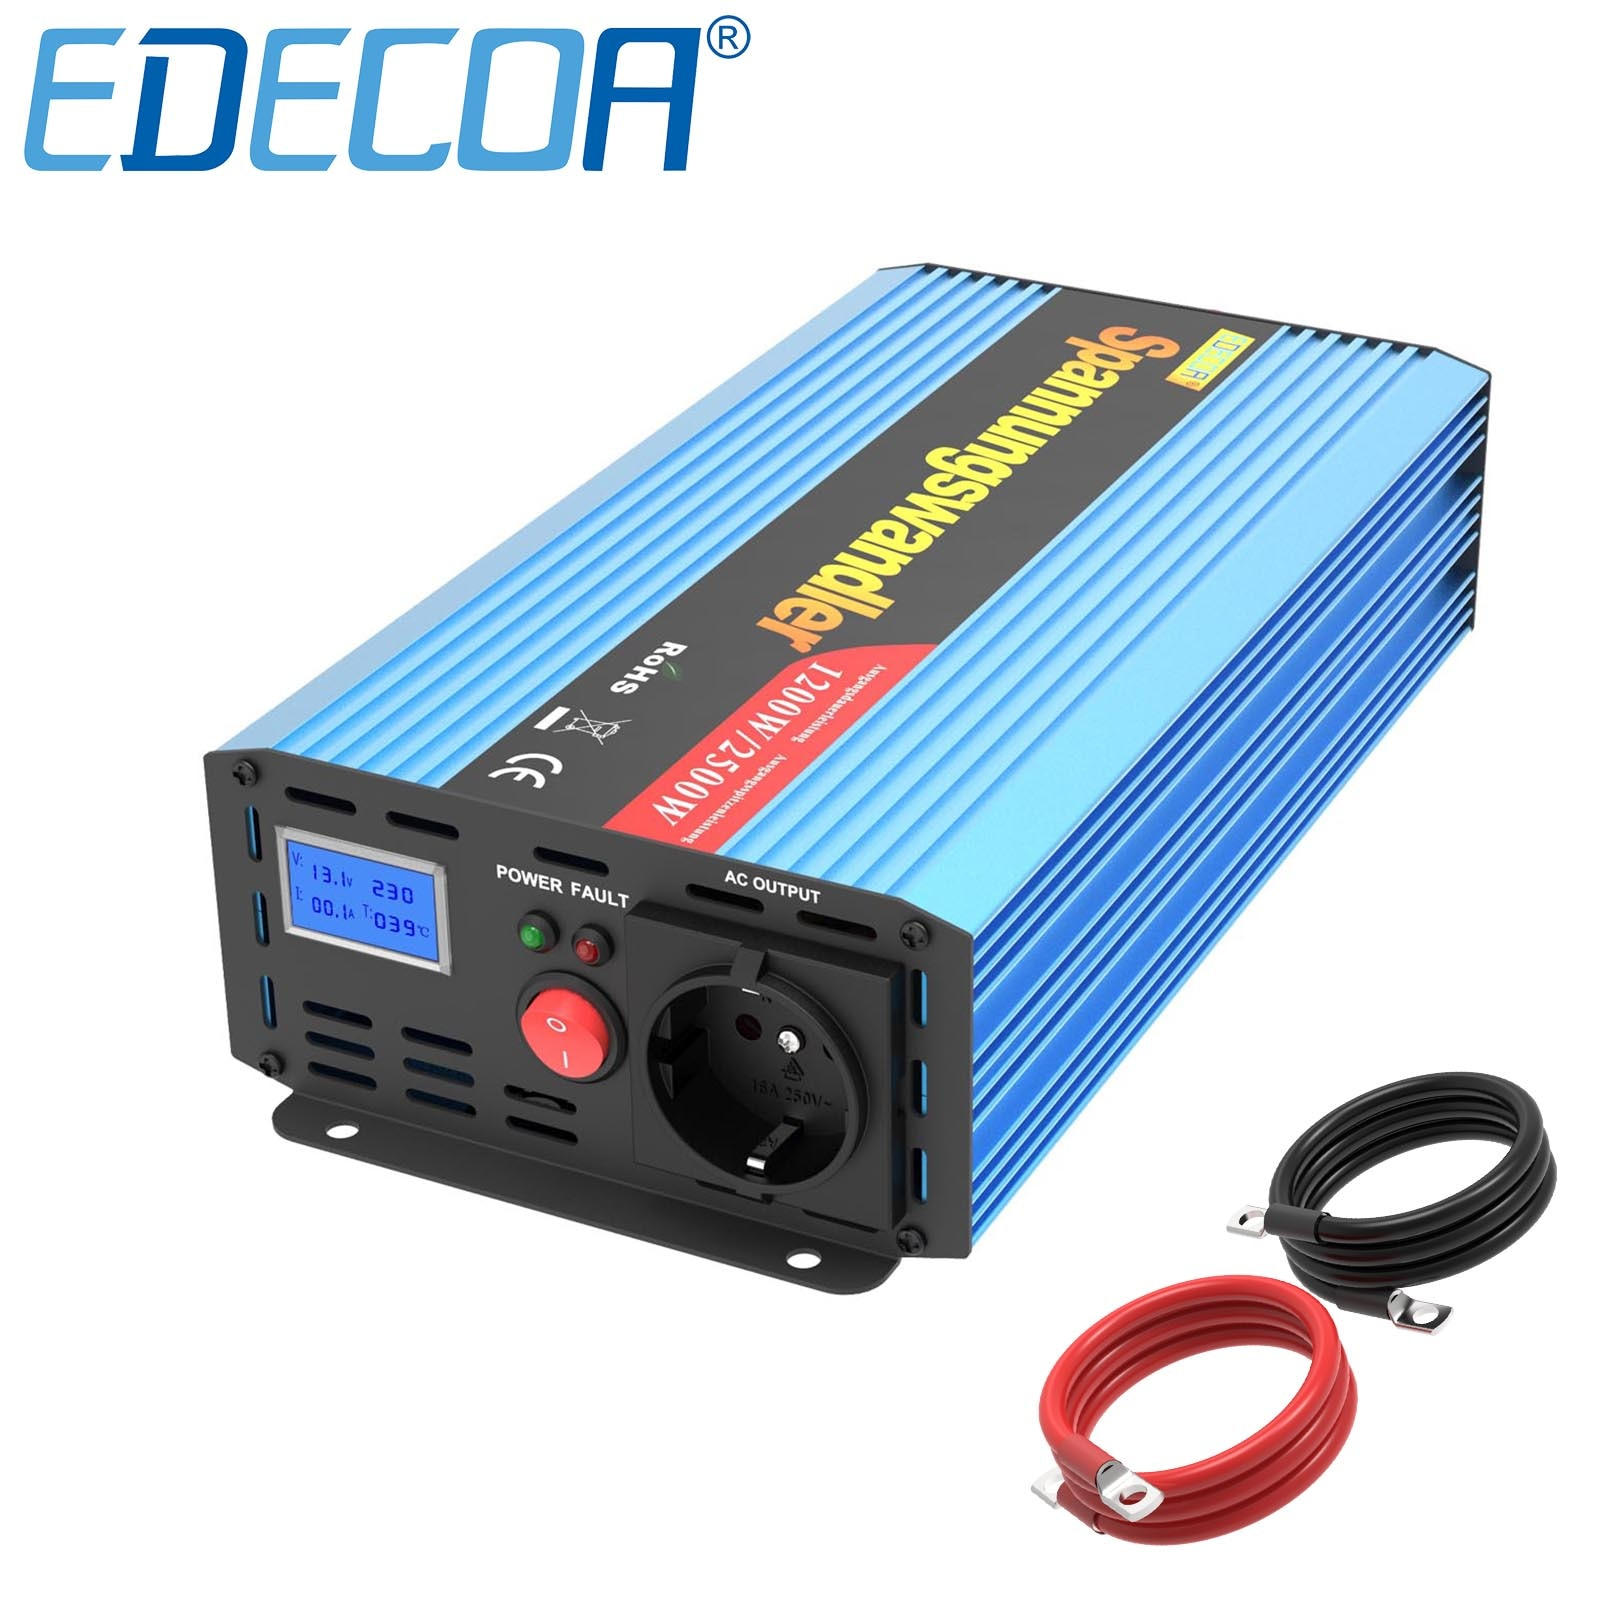 EDECOA 1200 واط 1000 واط سيارة محول تيار مستمر 12 فولت 24 فولت التيار المتناوب 220 فولت 230 فولت 240 فولت تعديل شرط موجة امدادات الطاقة العاكس